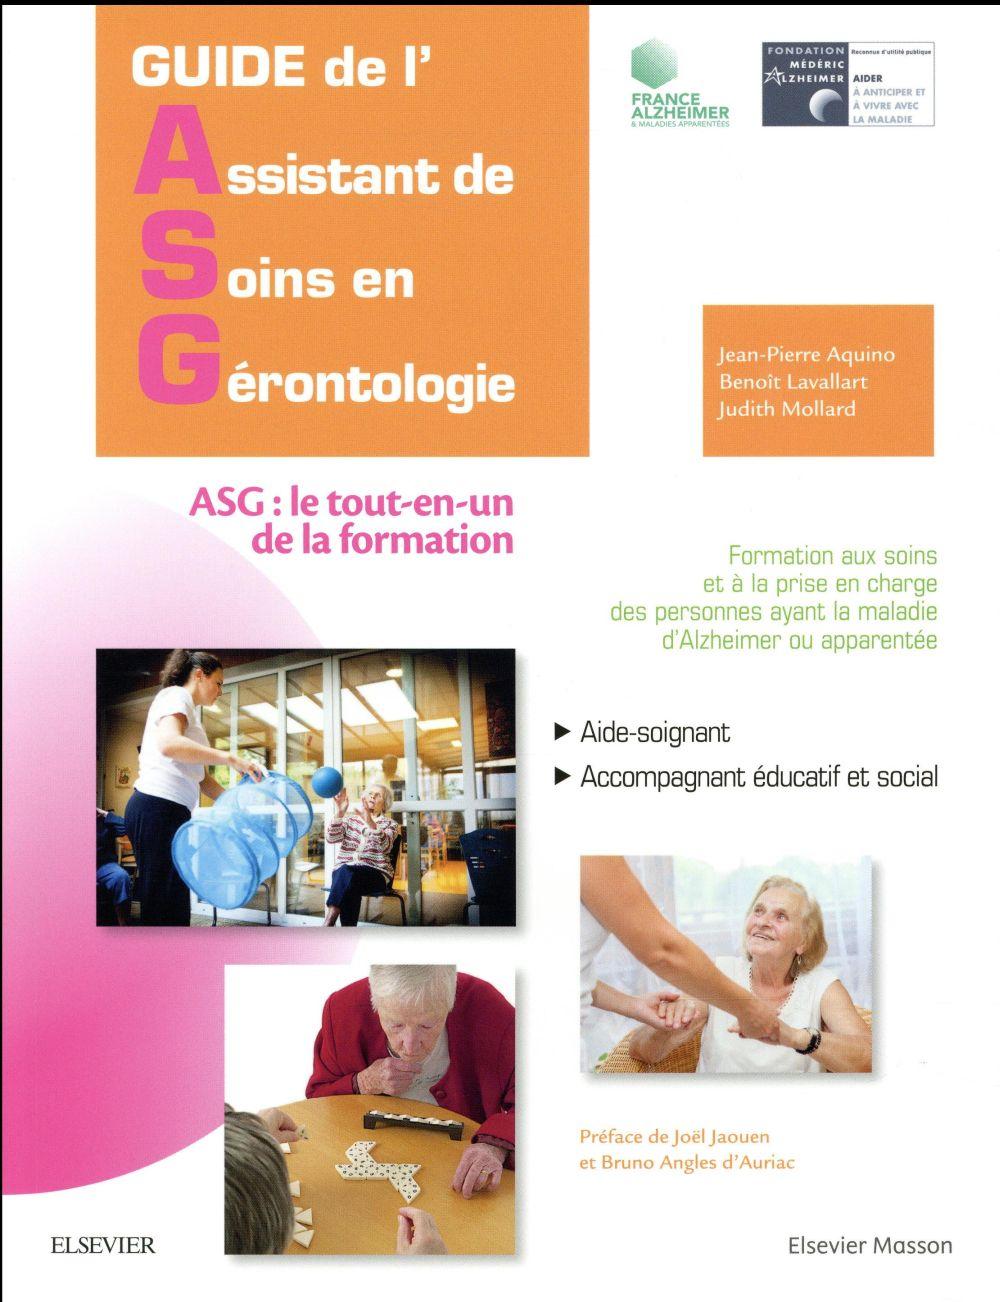 GUIDE DE L'ASSISTANT DE SOINS EN GERONTOLOGIE (2E EDITION) Mollard Judith Elsevier Masson